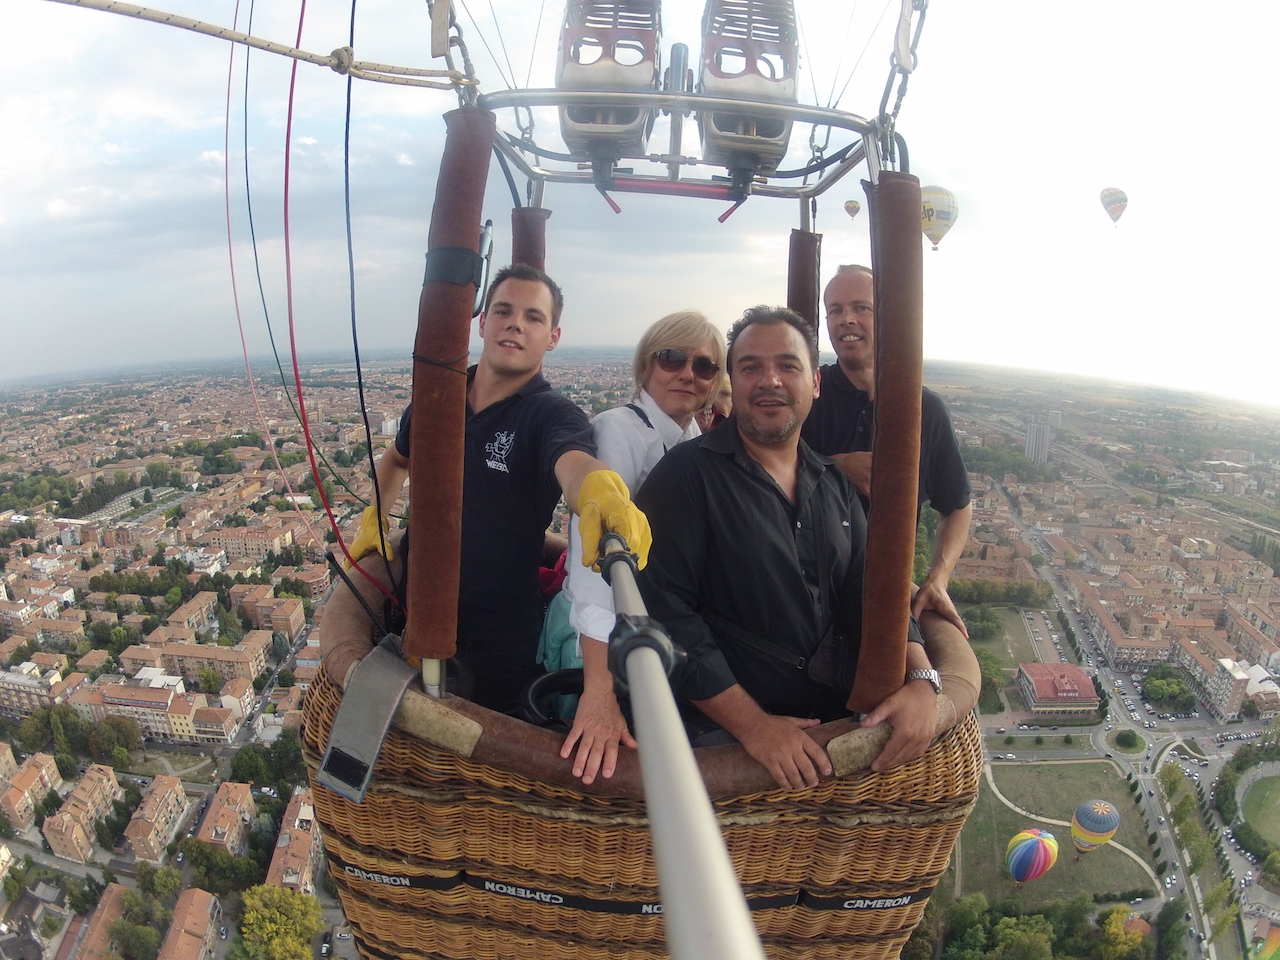 Ballonvaart Ferrara